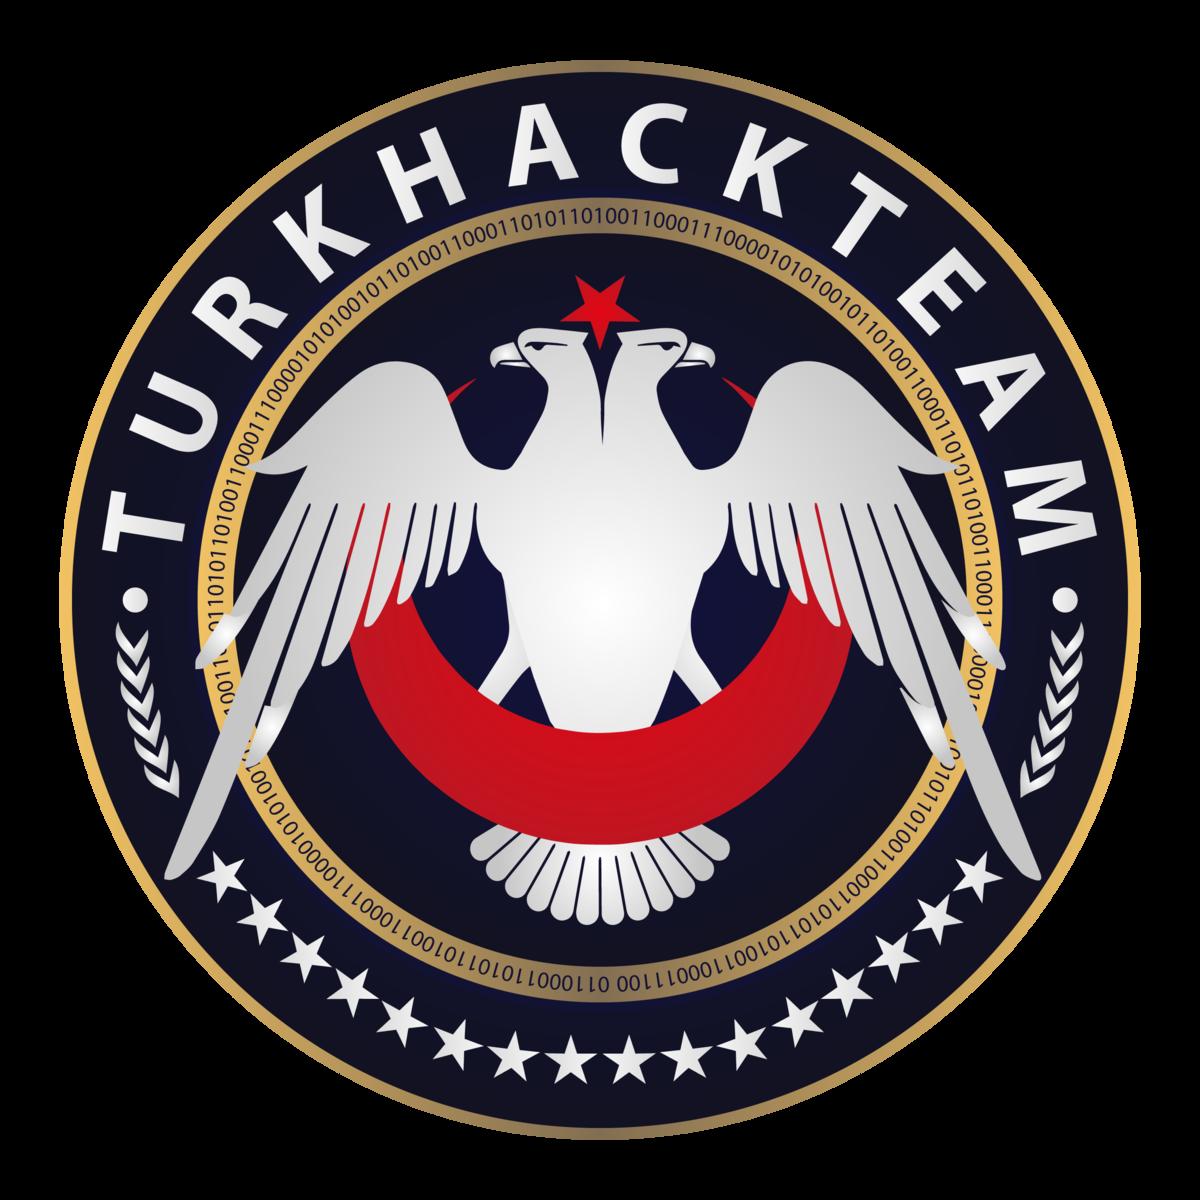 Resmi hacker logo